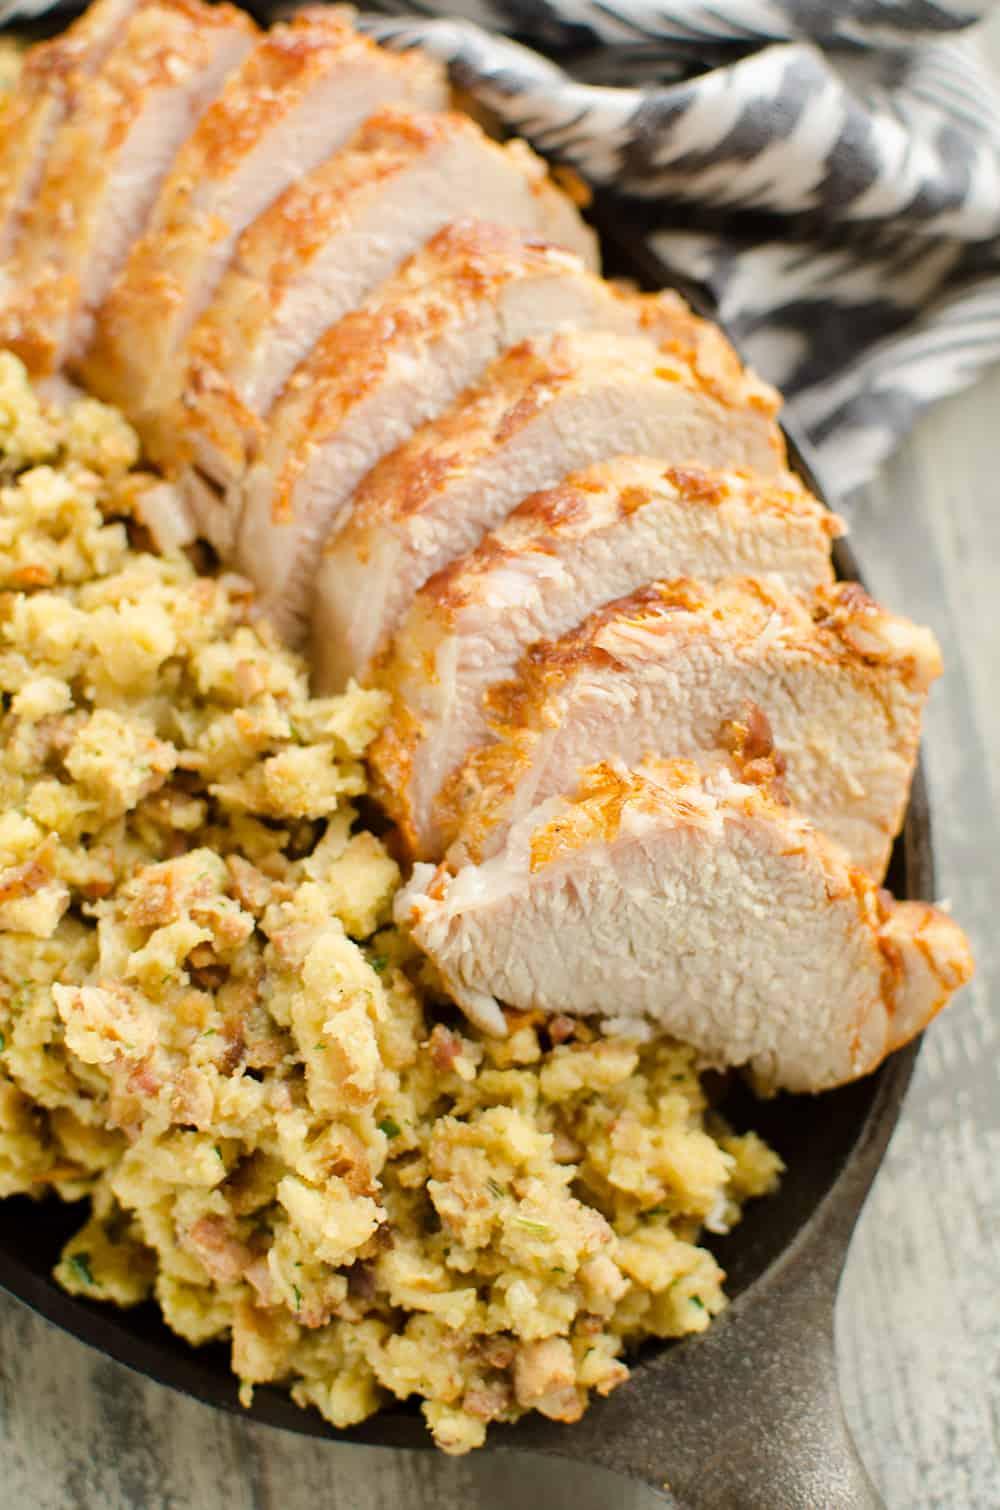 Pressure Cooker Pork Loin, Stuffing & Gravy serving